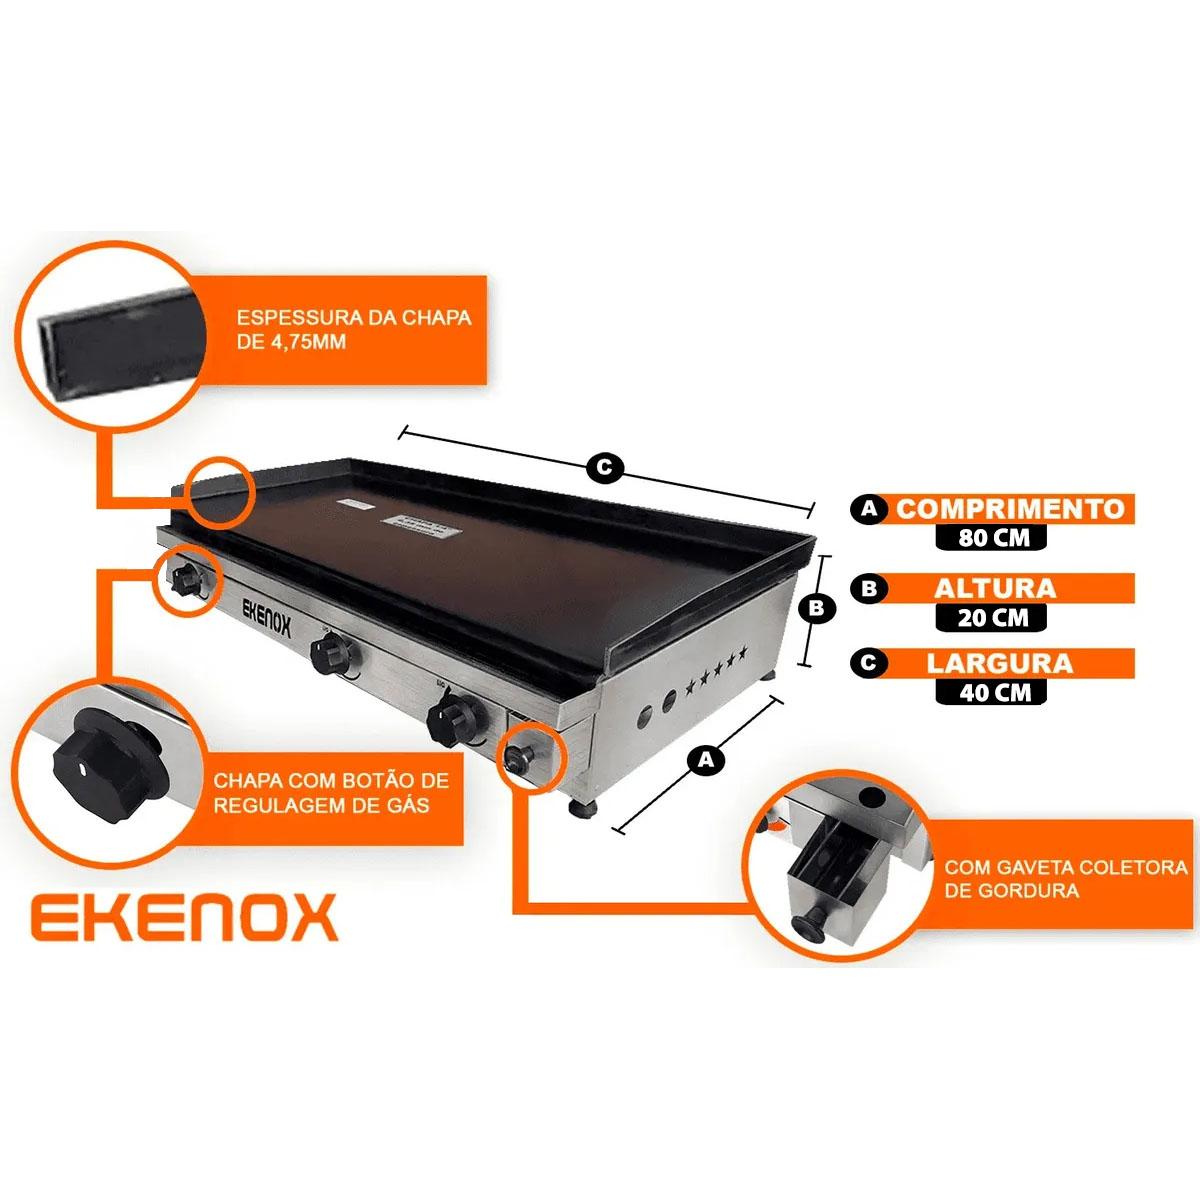 CHAPA P/ LANCHE 80x40CM 3Q EKENOX  - EKENOX- Equipamentos Industriais